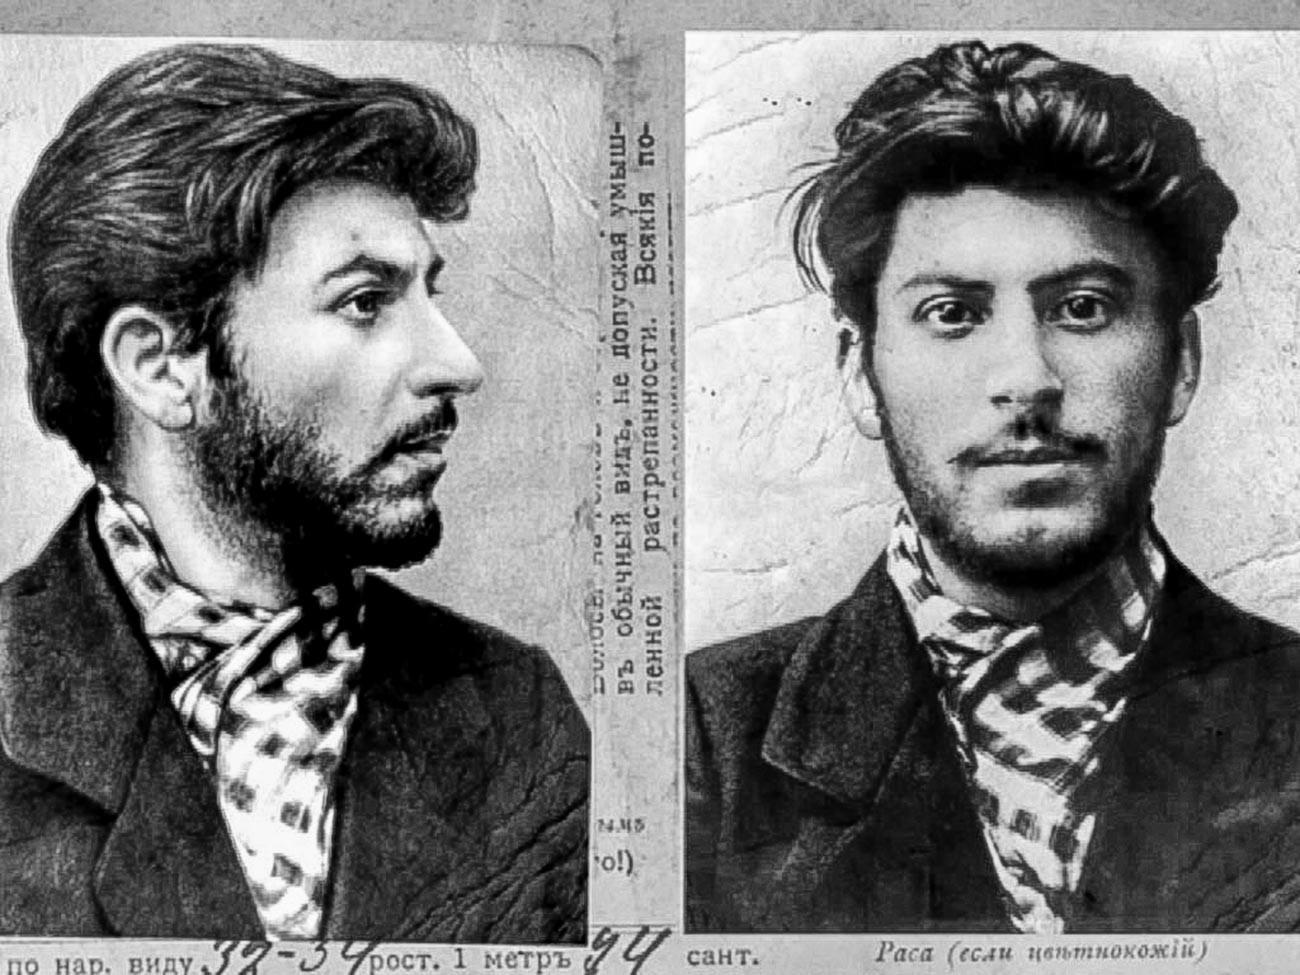 Catatan kepolisian Stalin saat berusia 23 tahun pada 1902.